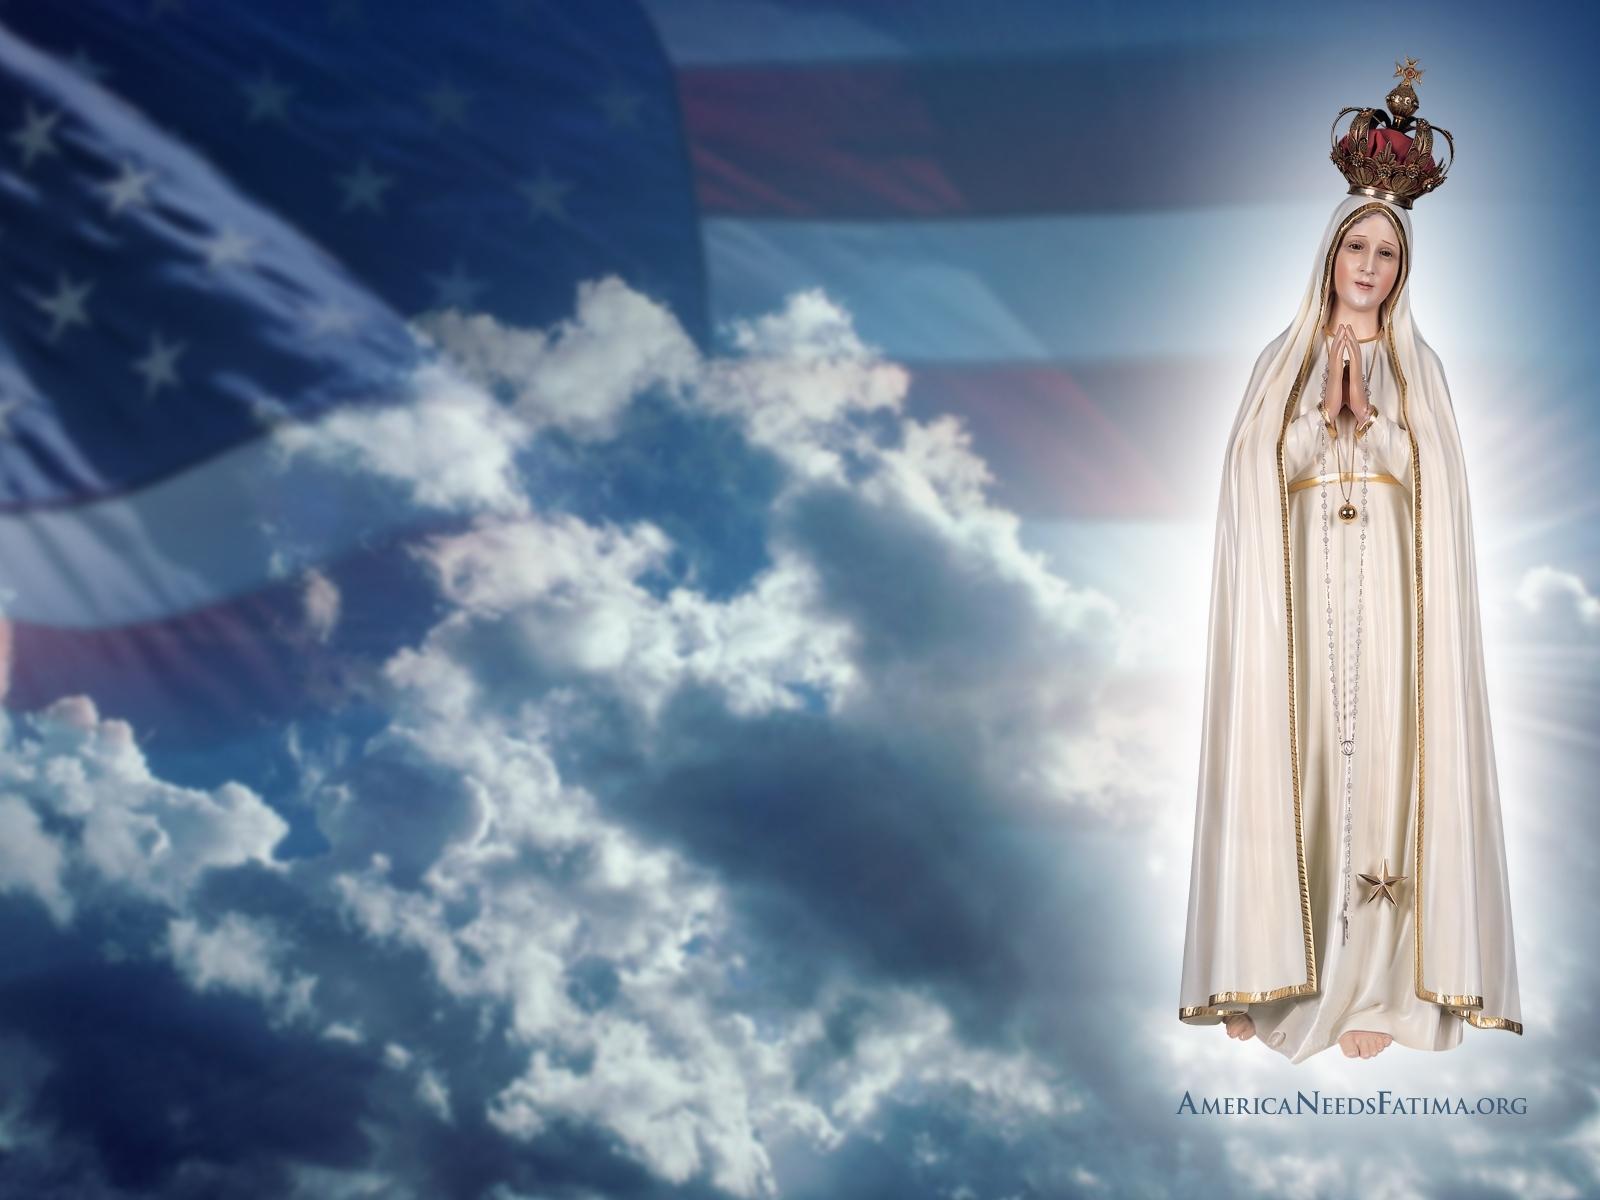 the america needs fatima blog: welcome to america needs fatima's